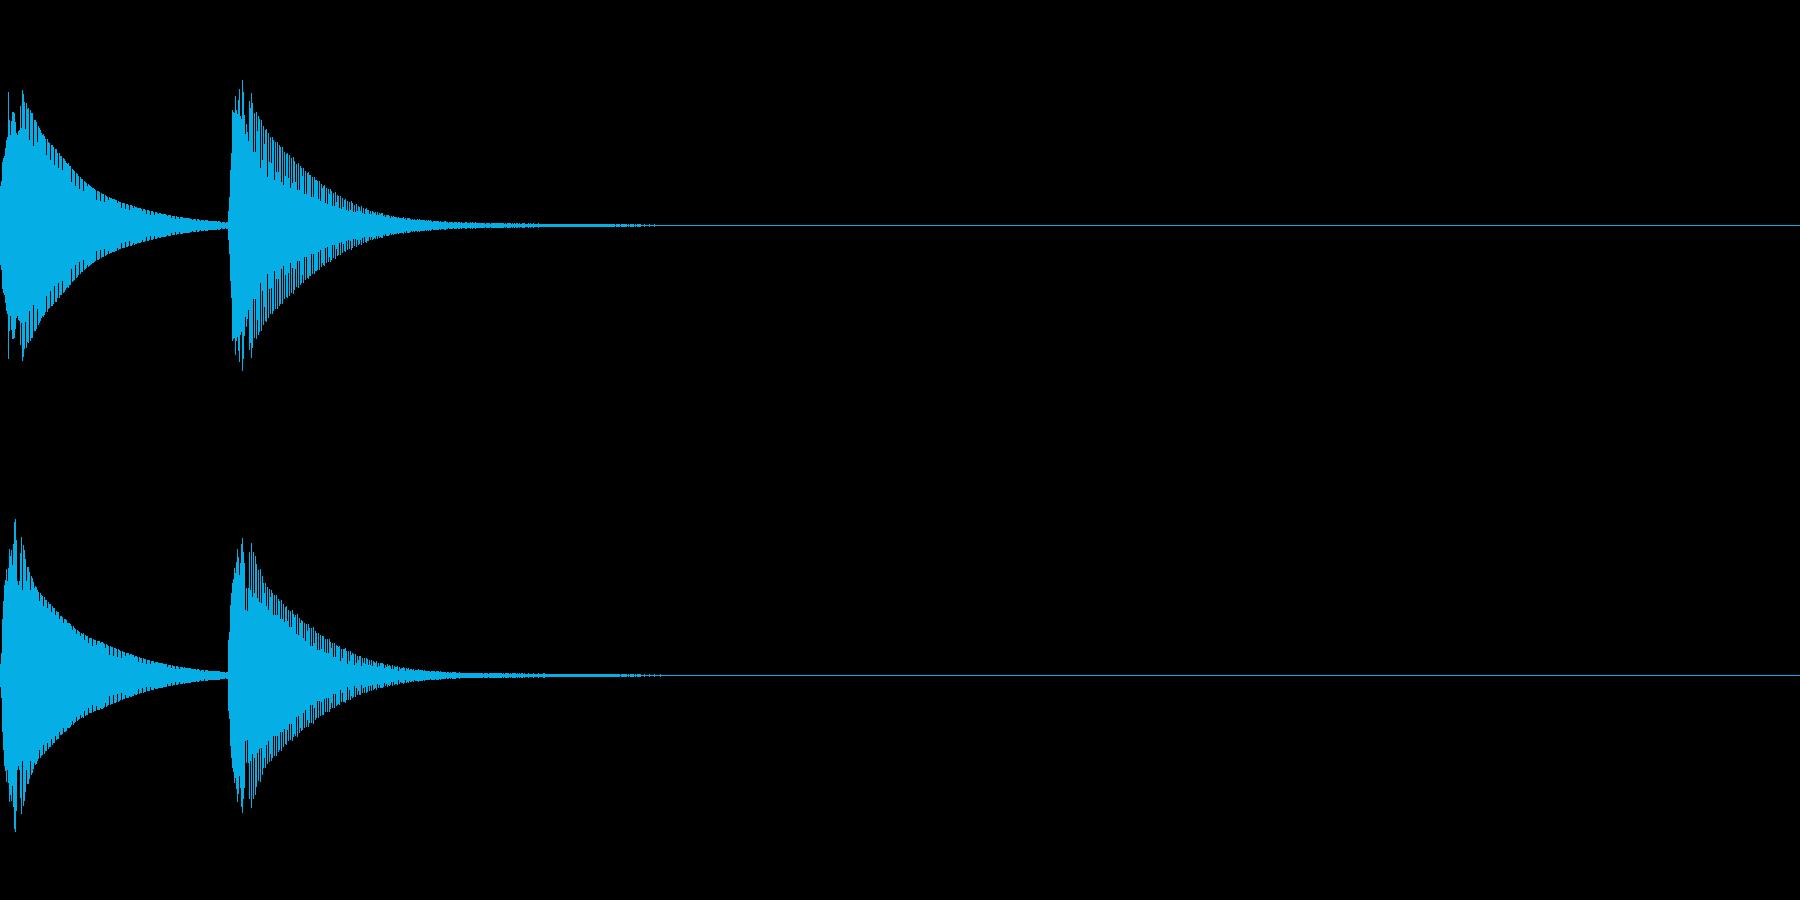 システム音/ピコン/電子音/タイプBの再生済みの波形